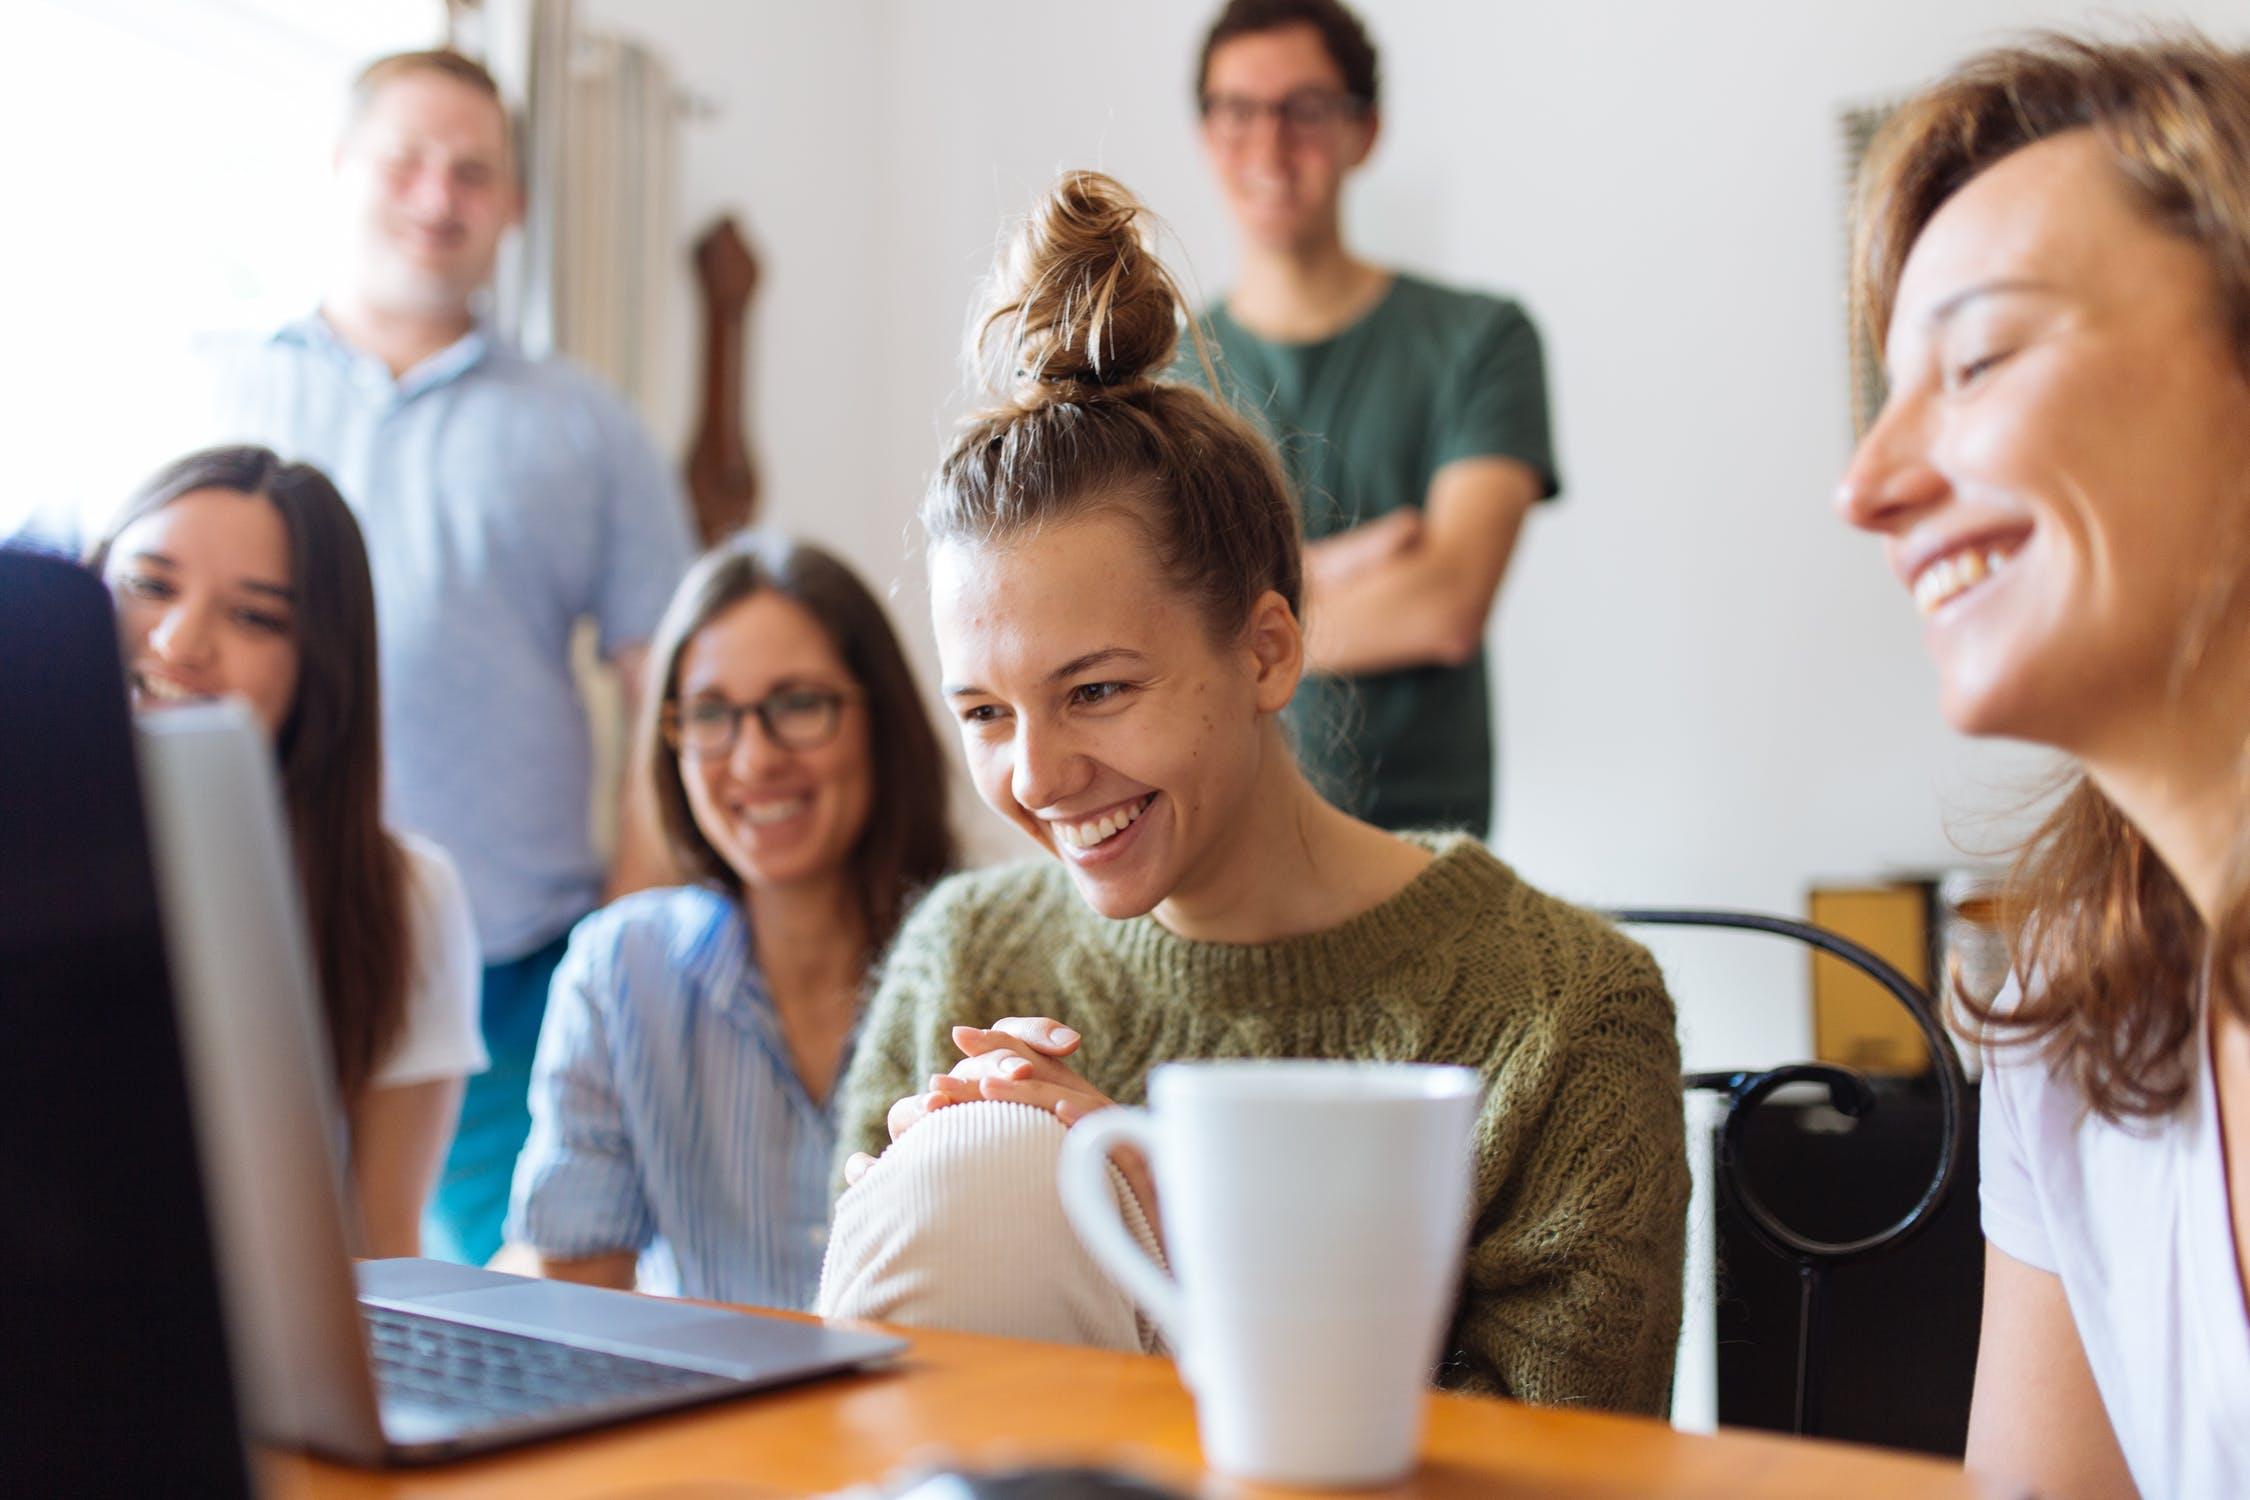 Kiat Cerdas Menyiapkan Perencanaan Bisnis yang Efektif